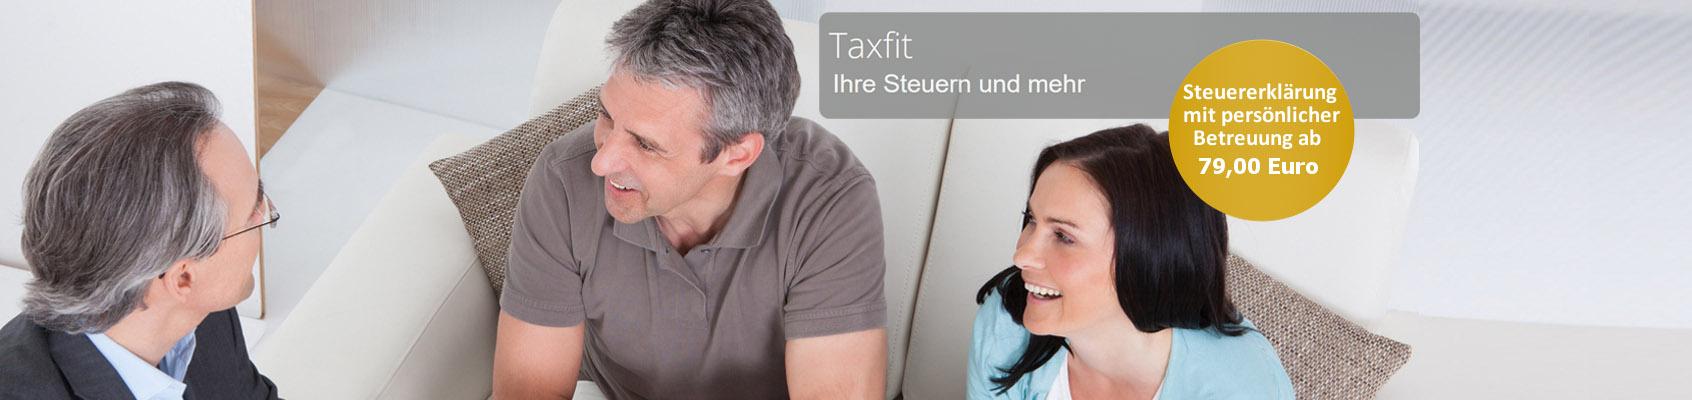 Steuerklassenwahl - Taxfit 2014 - 2021 ...